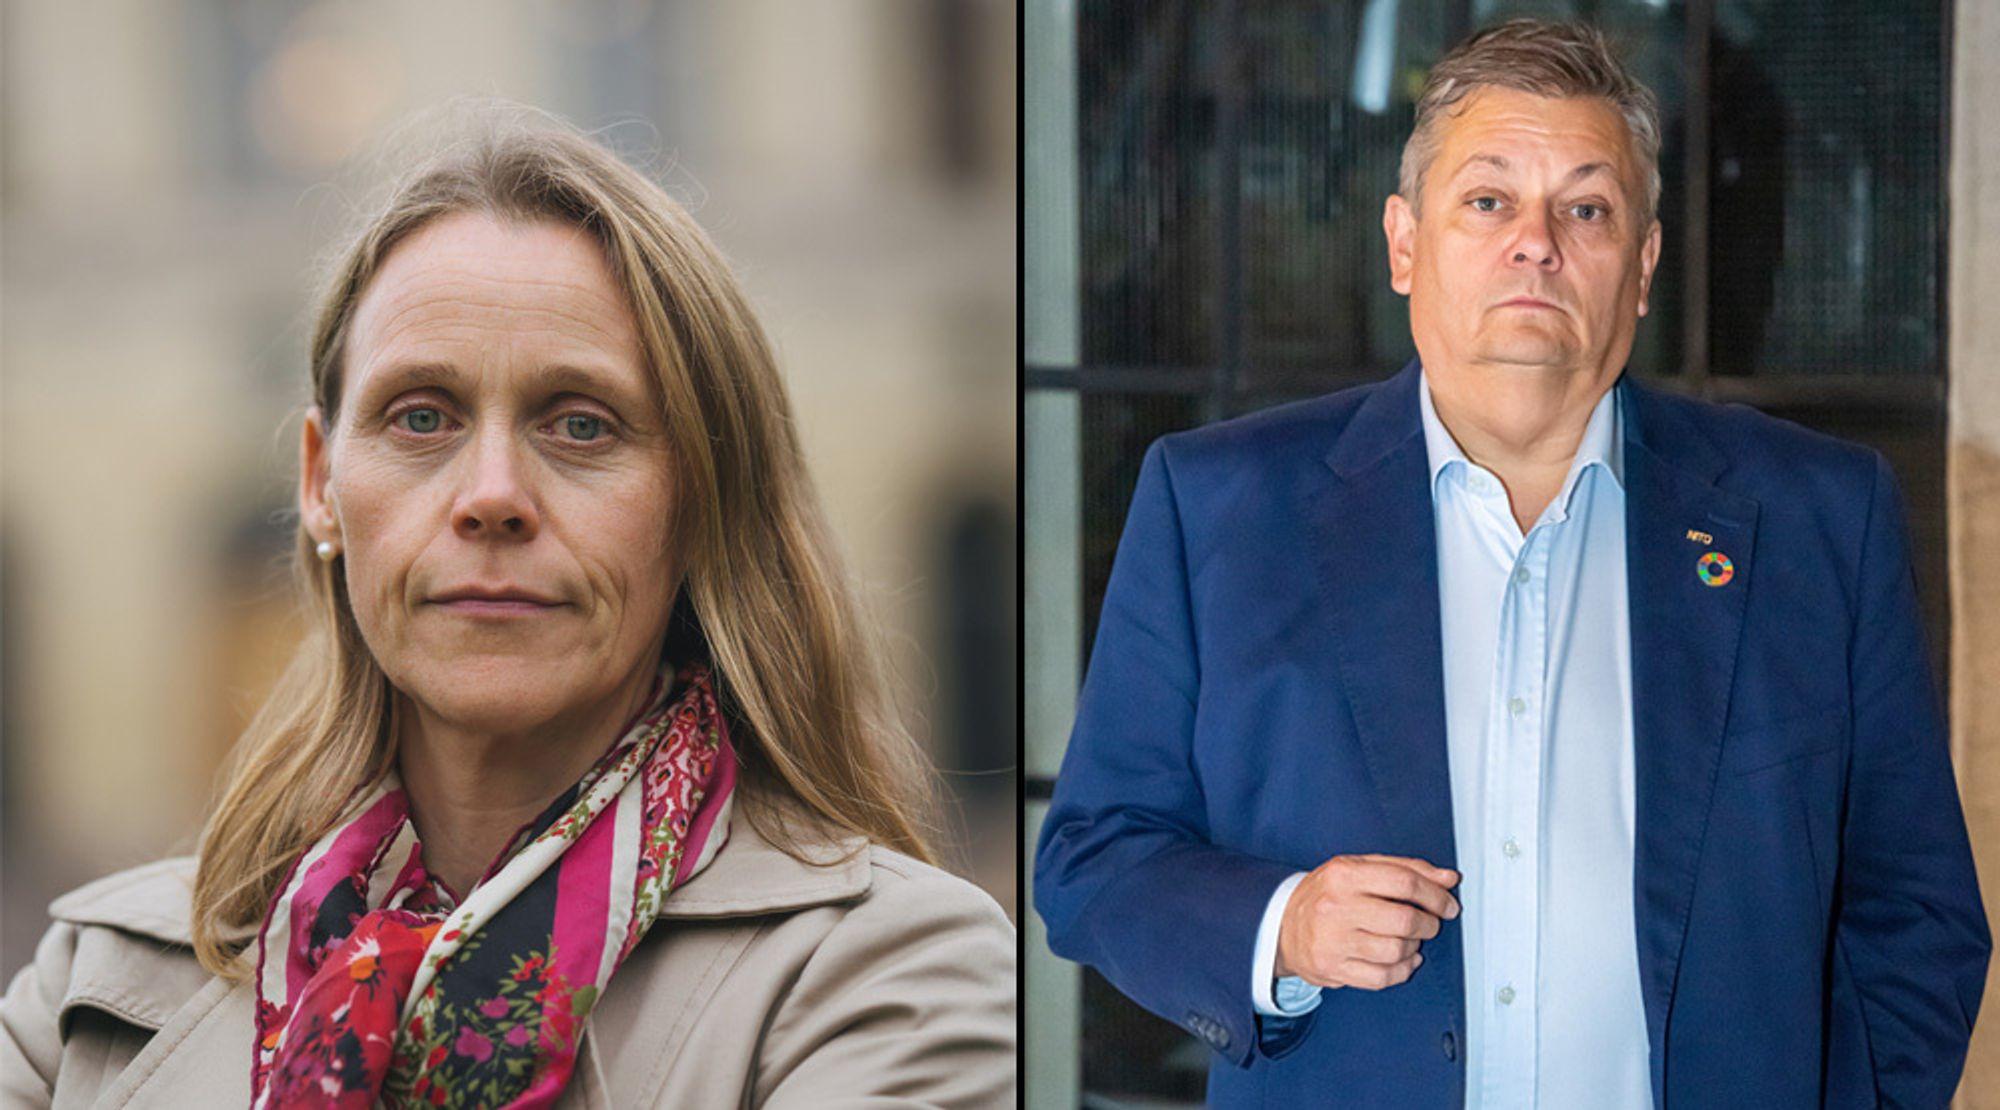 Lise Lyngsnes Randeberg og Trond Markussen, presidenter i henholdsvis Tekna og Nito, mener forslaget er på kant med loven om gratis utdanning.